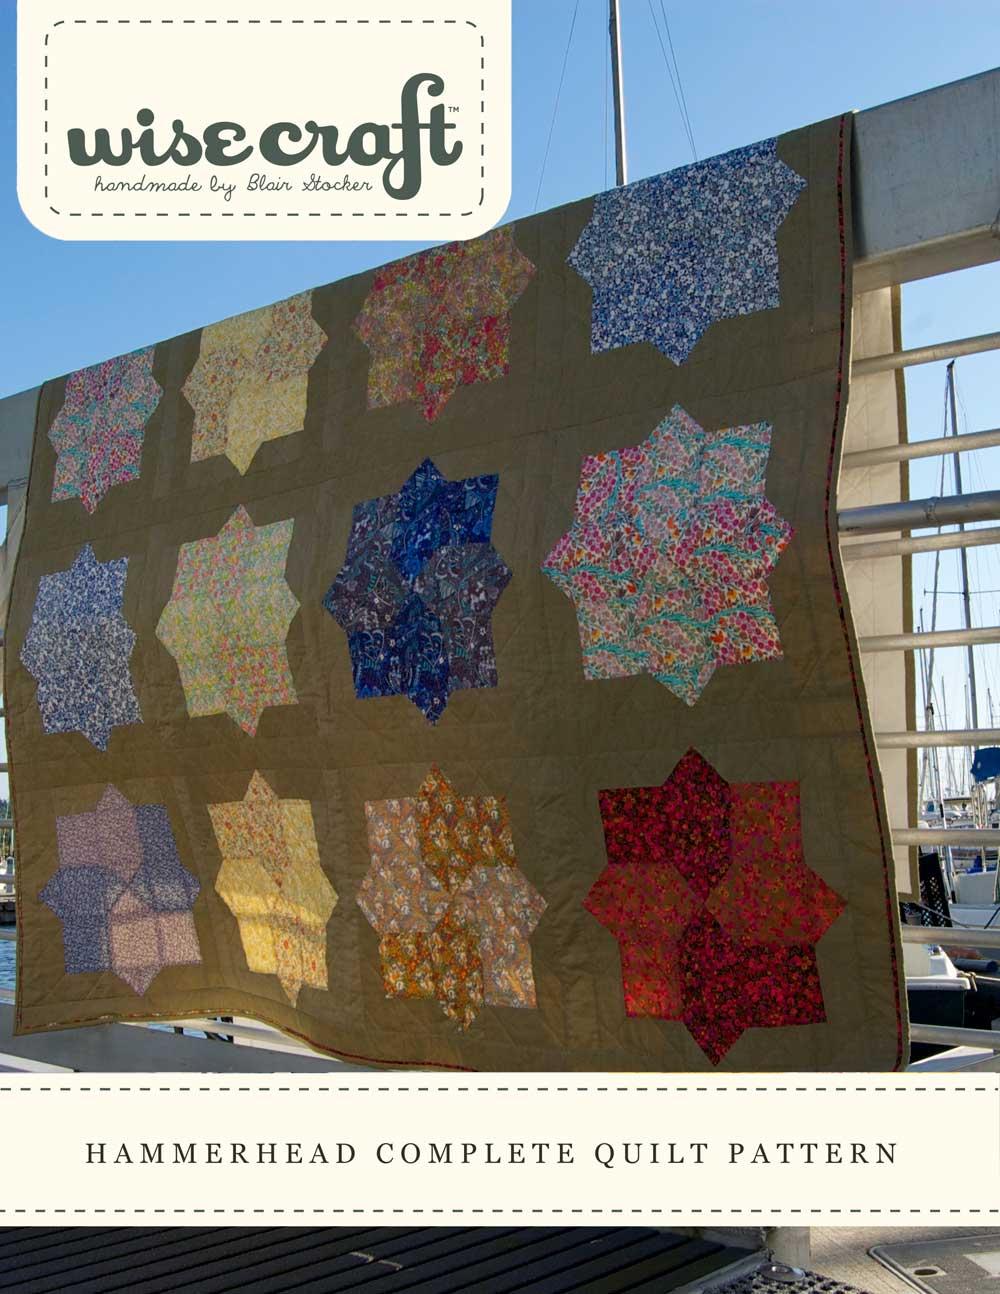 Hammerhead Quilt Pattern by Wise Craft Handmade